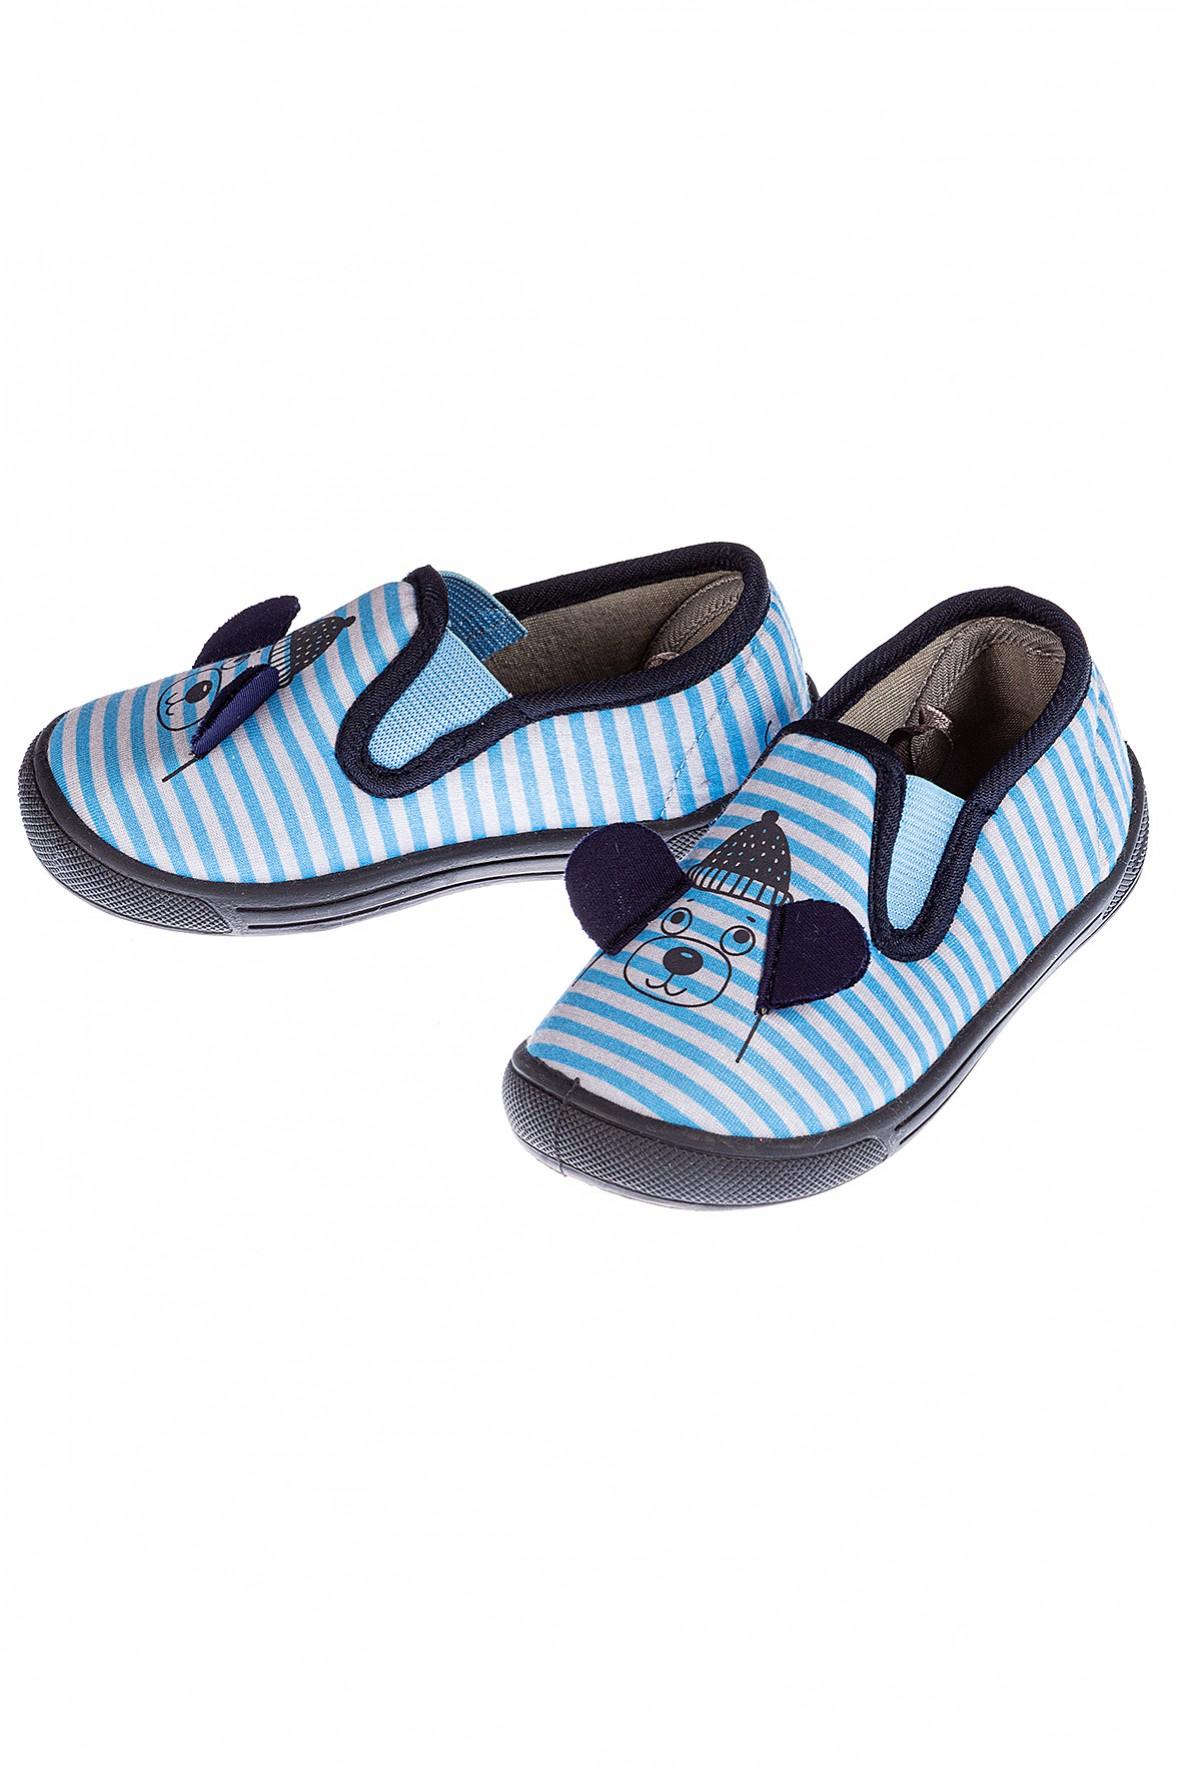 Kapcie do przedszkola chłopięce niebieskie z uszami